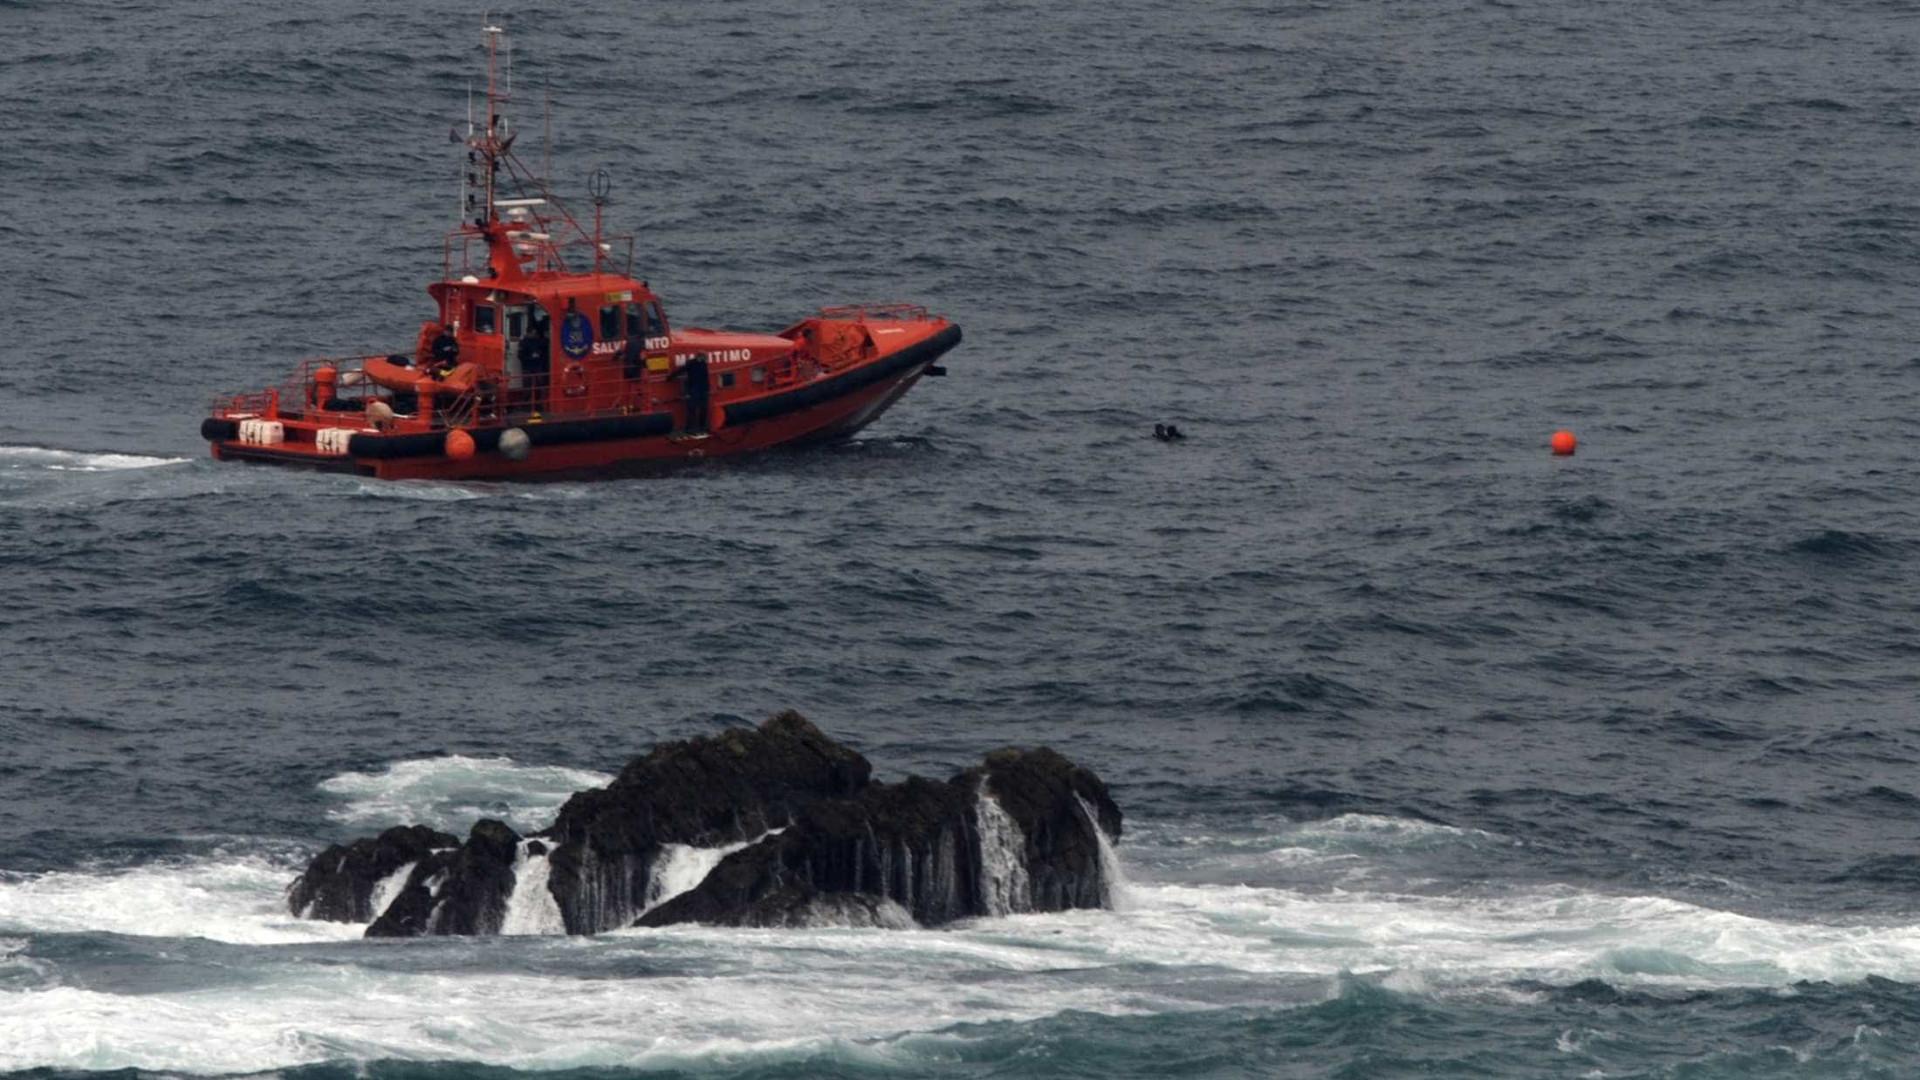 Pelo menos 13 mortos e 12 desaparecidos após naufrágio na Indonésia